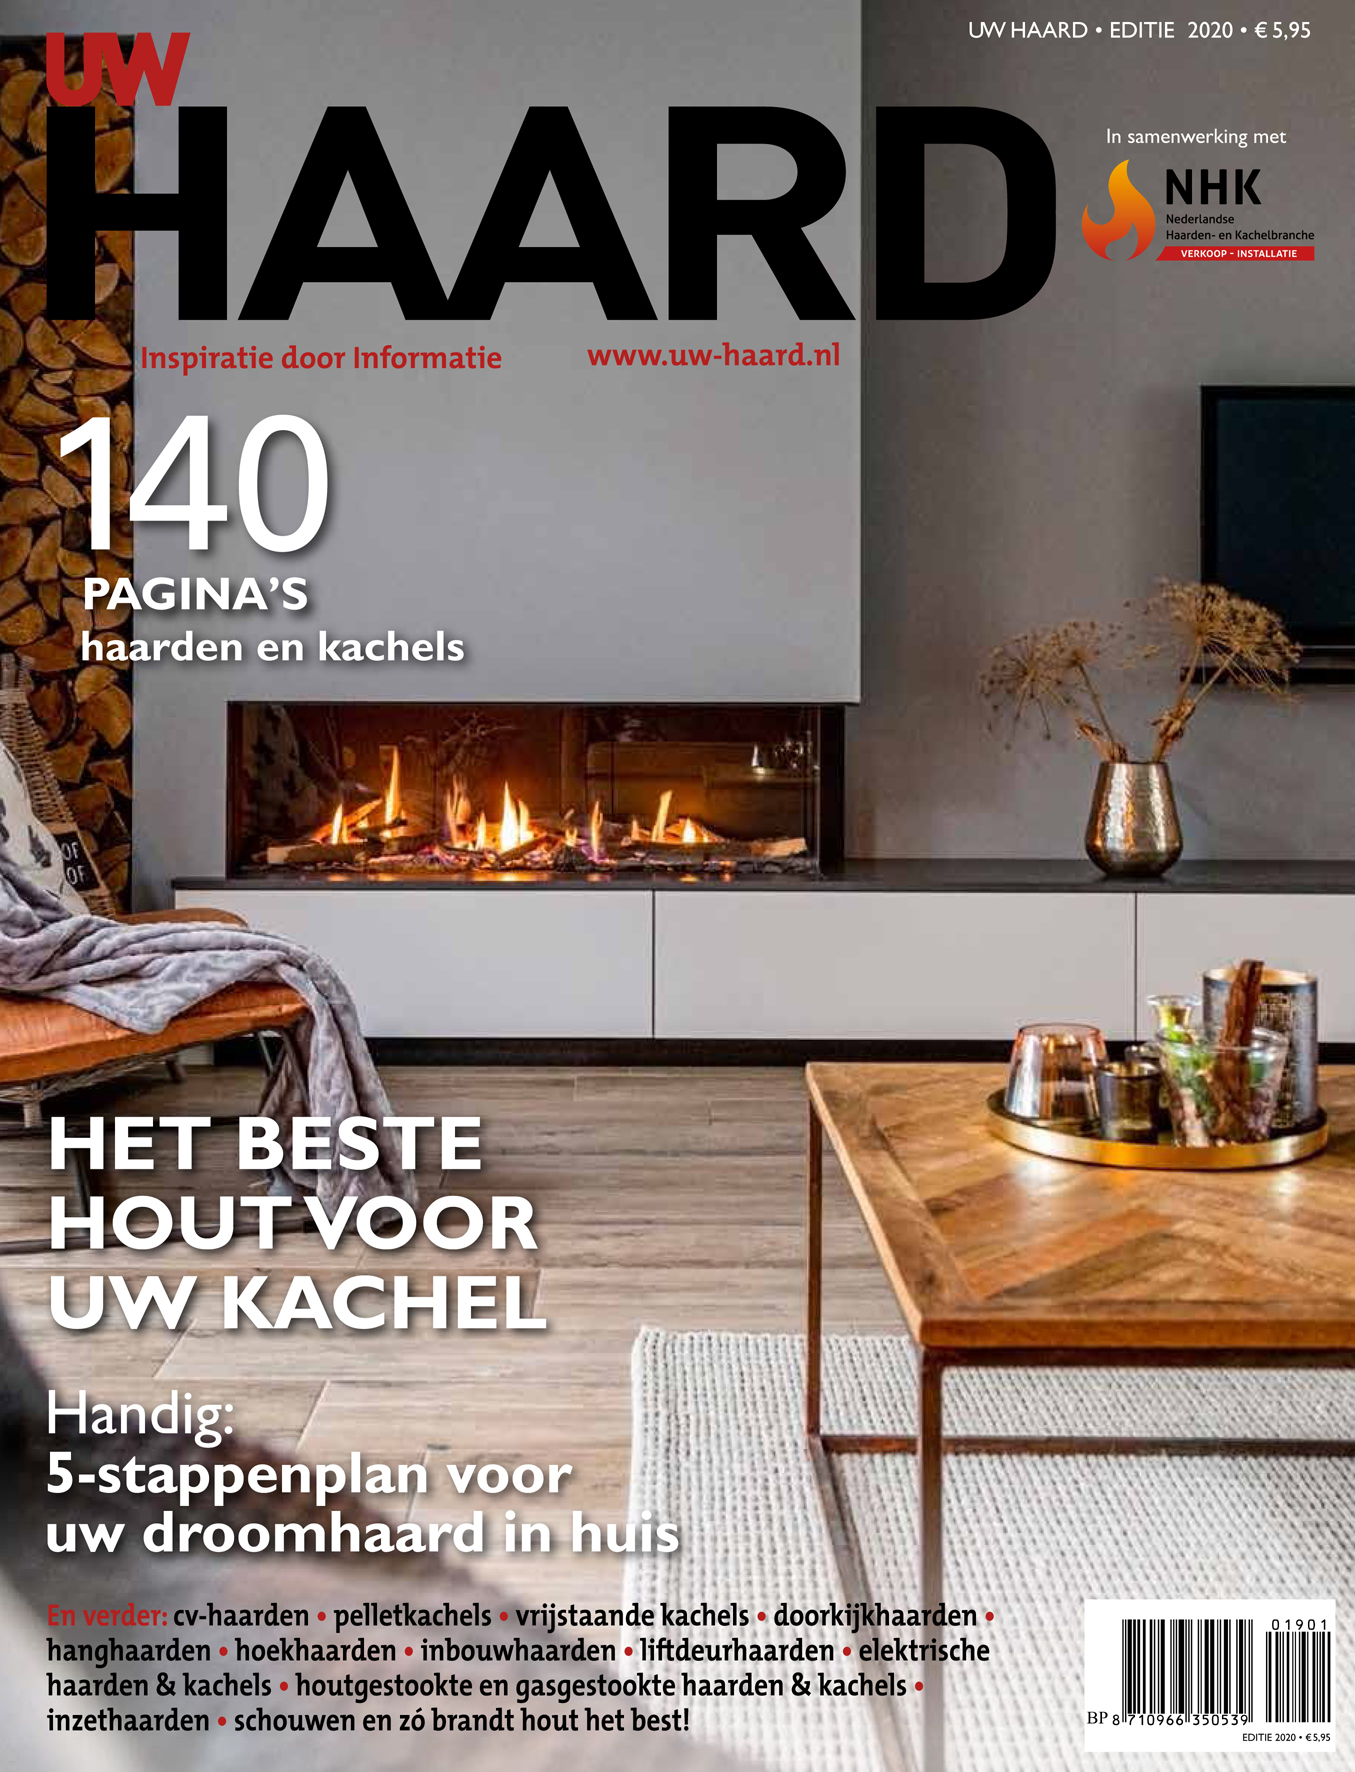 UW Haard Magazine